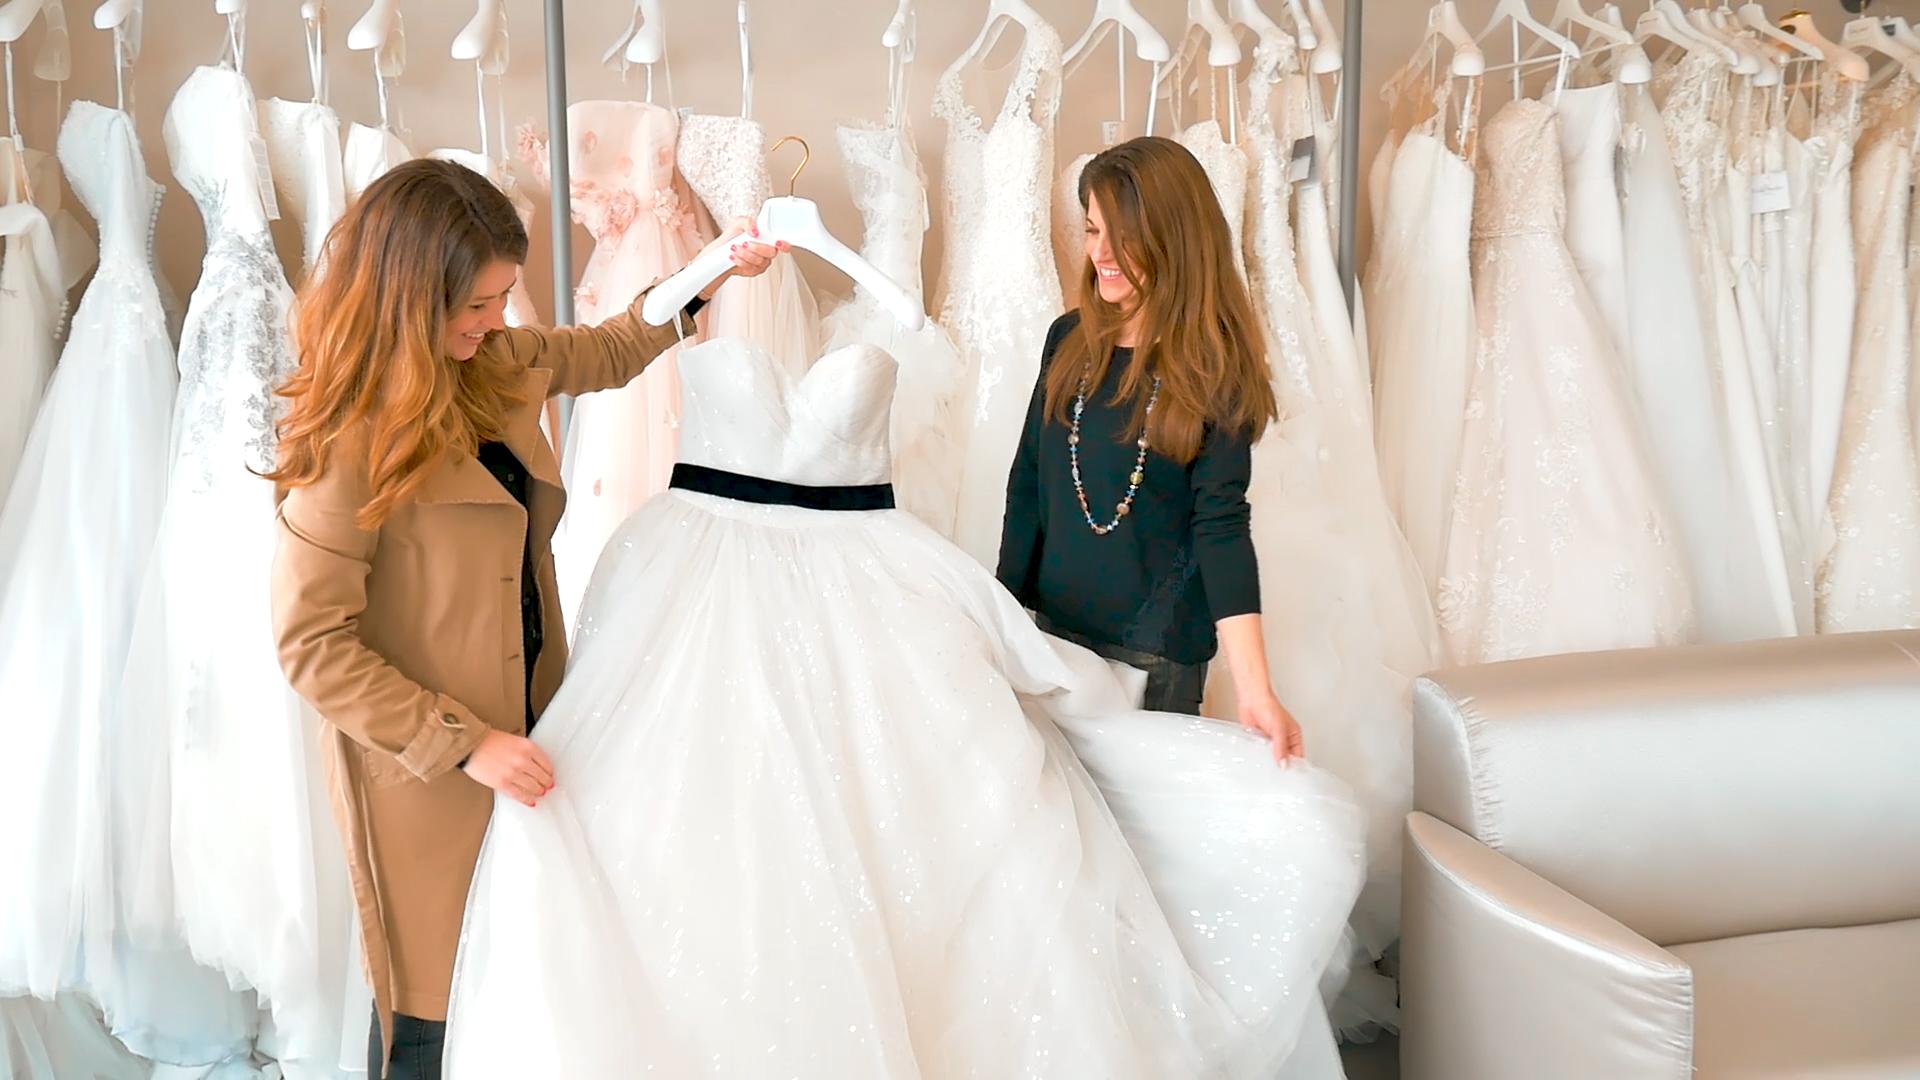 Atelier della sposa Rubiera - Foto negozio - Vasta scelta